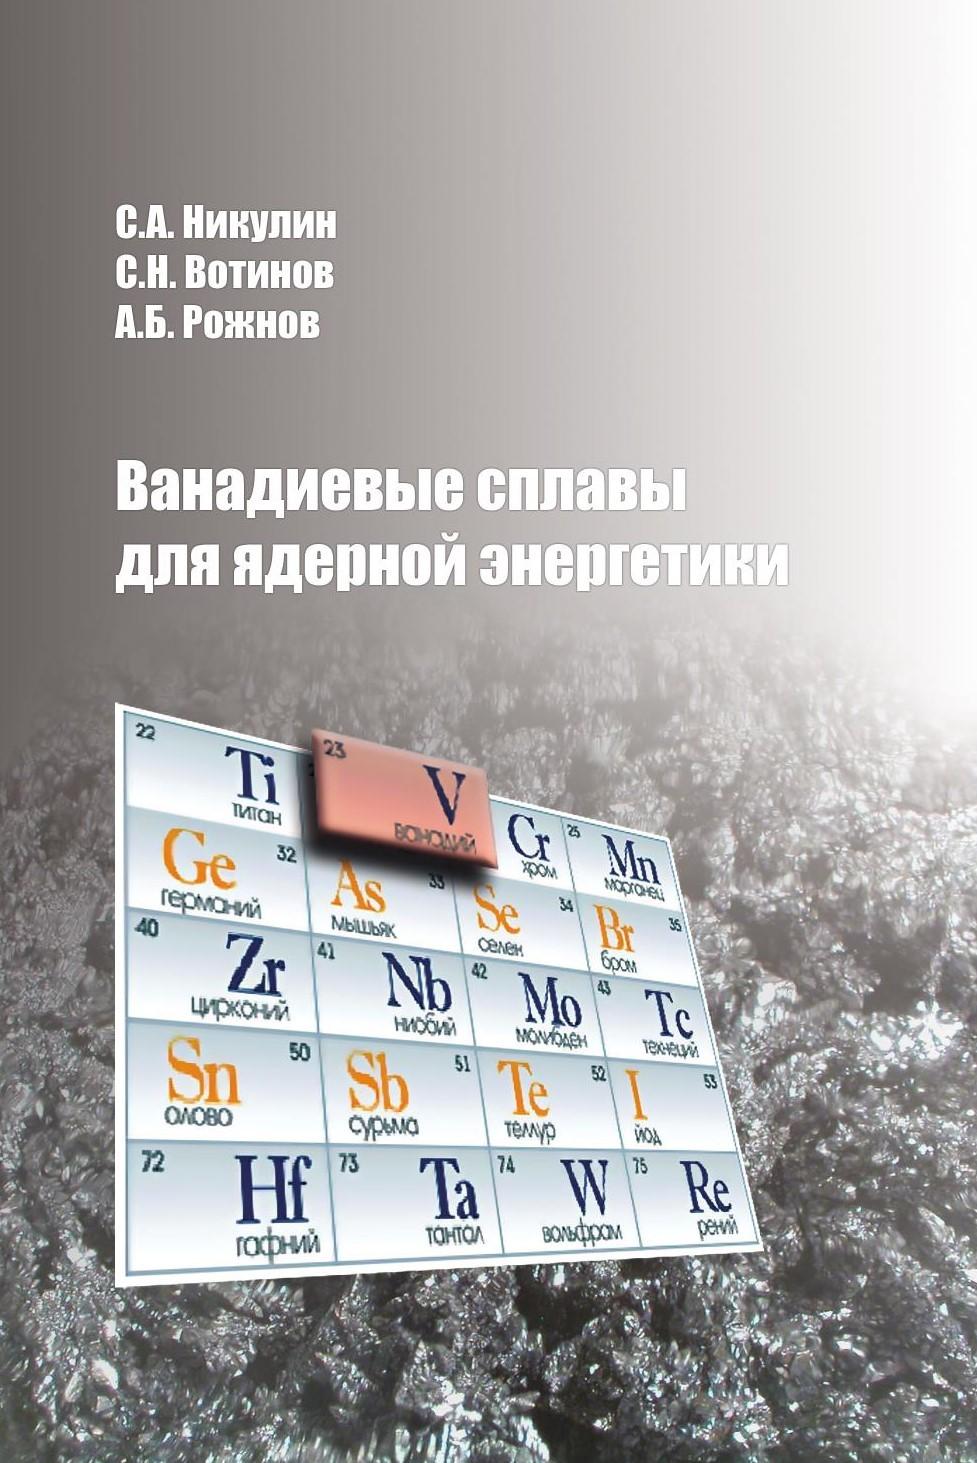 Андрей Рожнов бесплатно